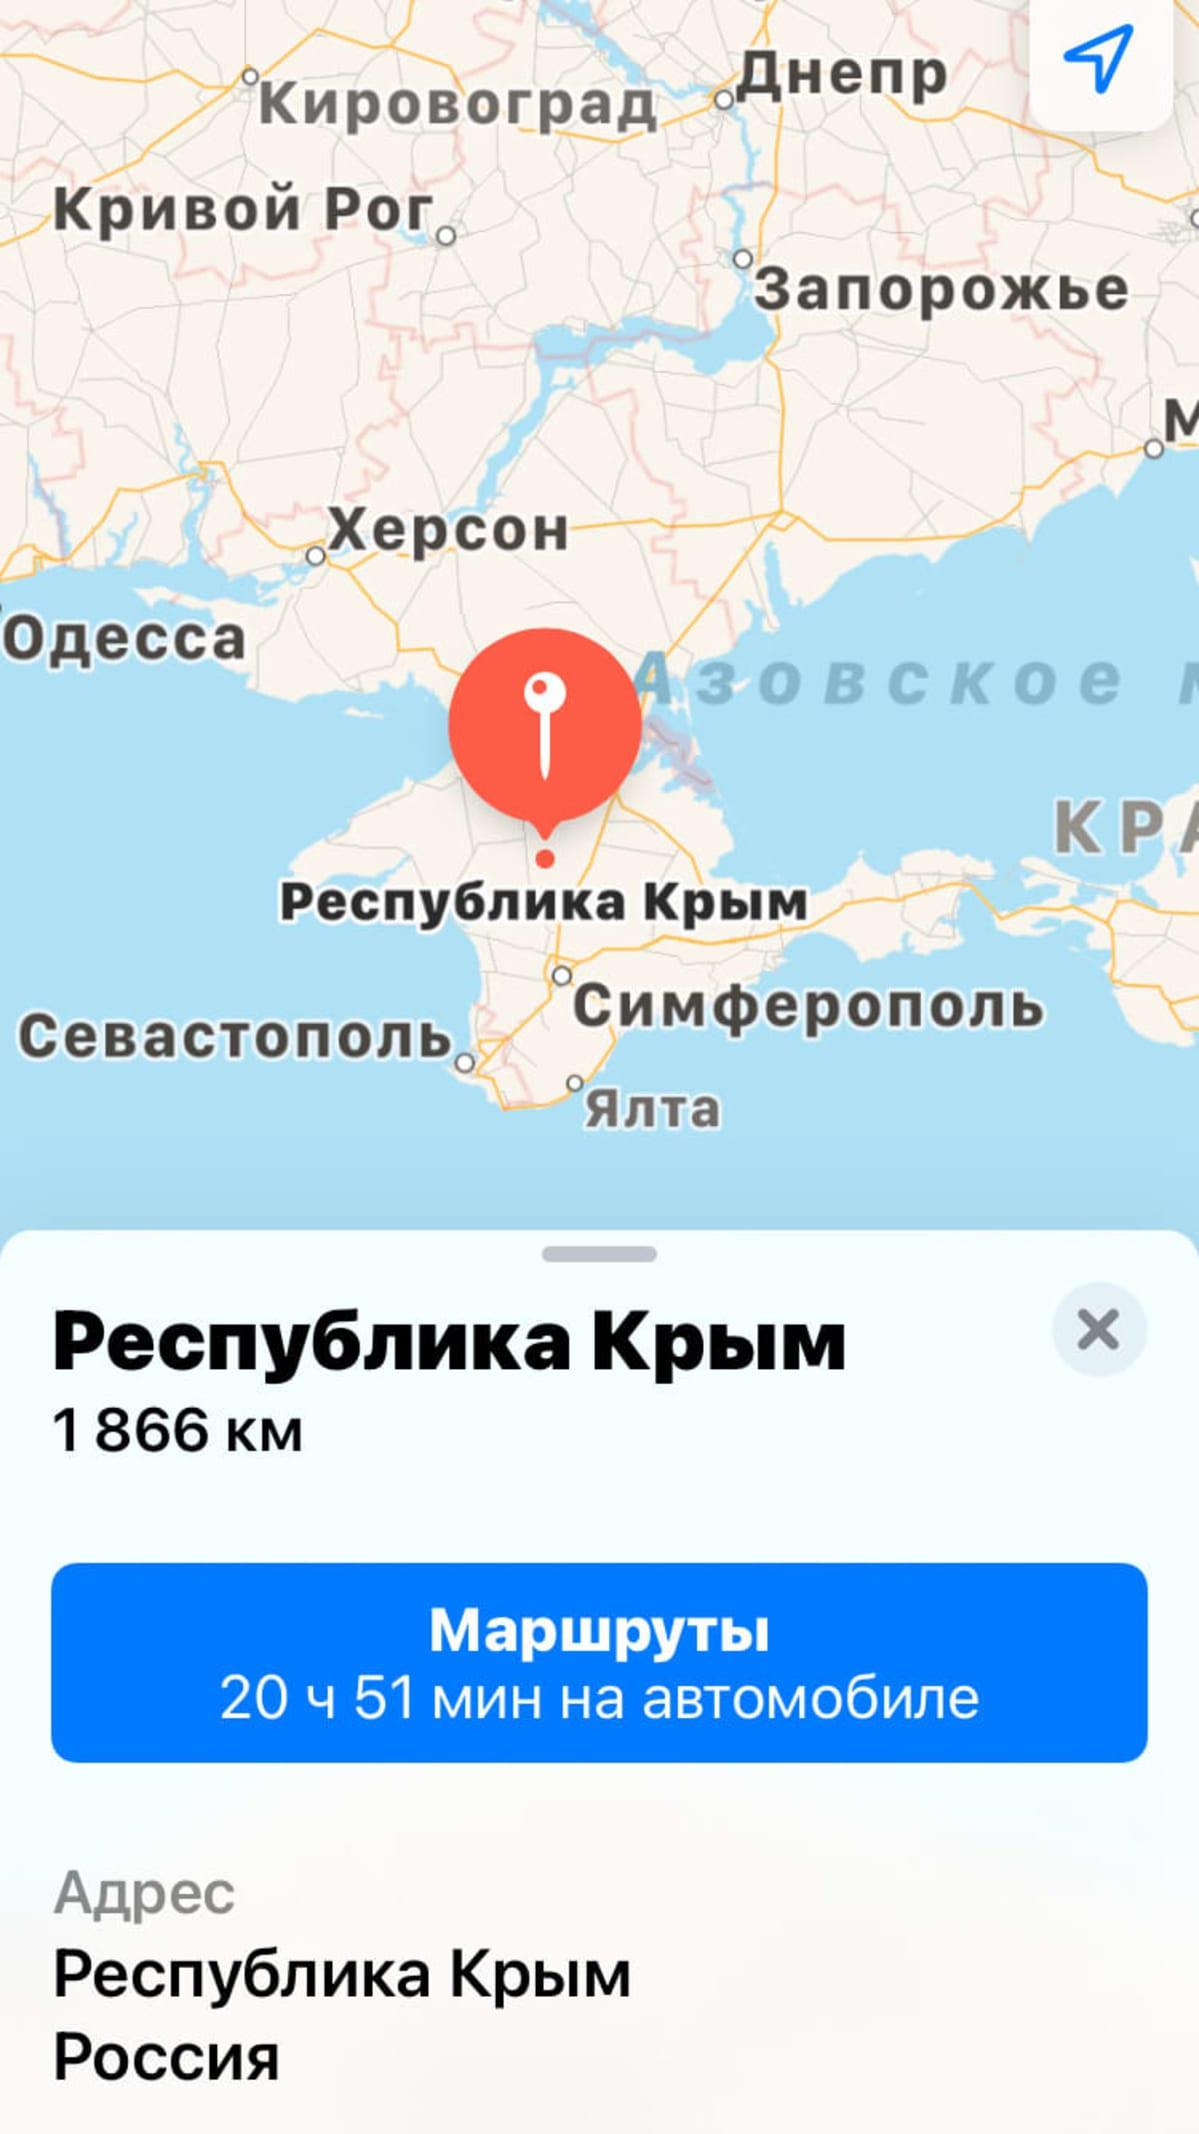 """Ruutukaappaus Applen karttasovelluksesta. Kartan alaosassa näkyy teksti """"Krimin tasavalta, Venäjä""""."""